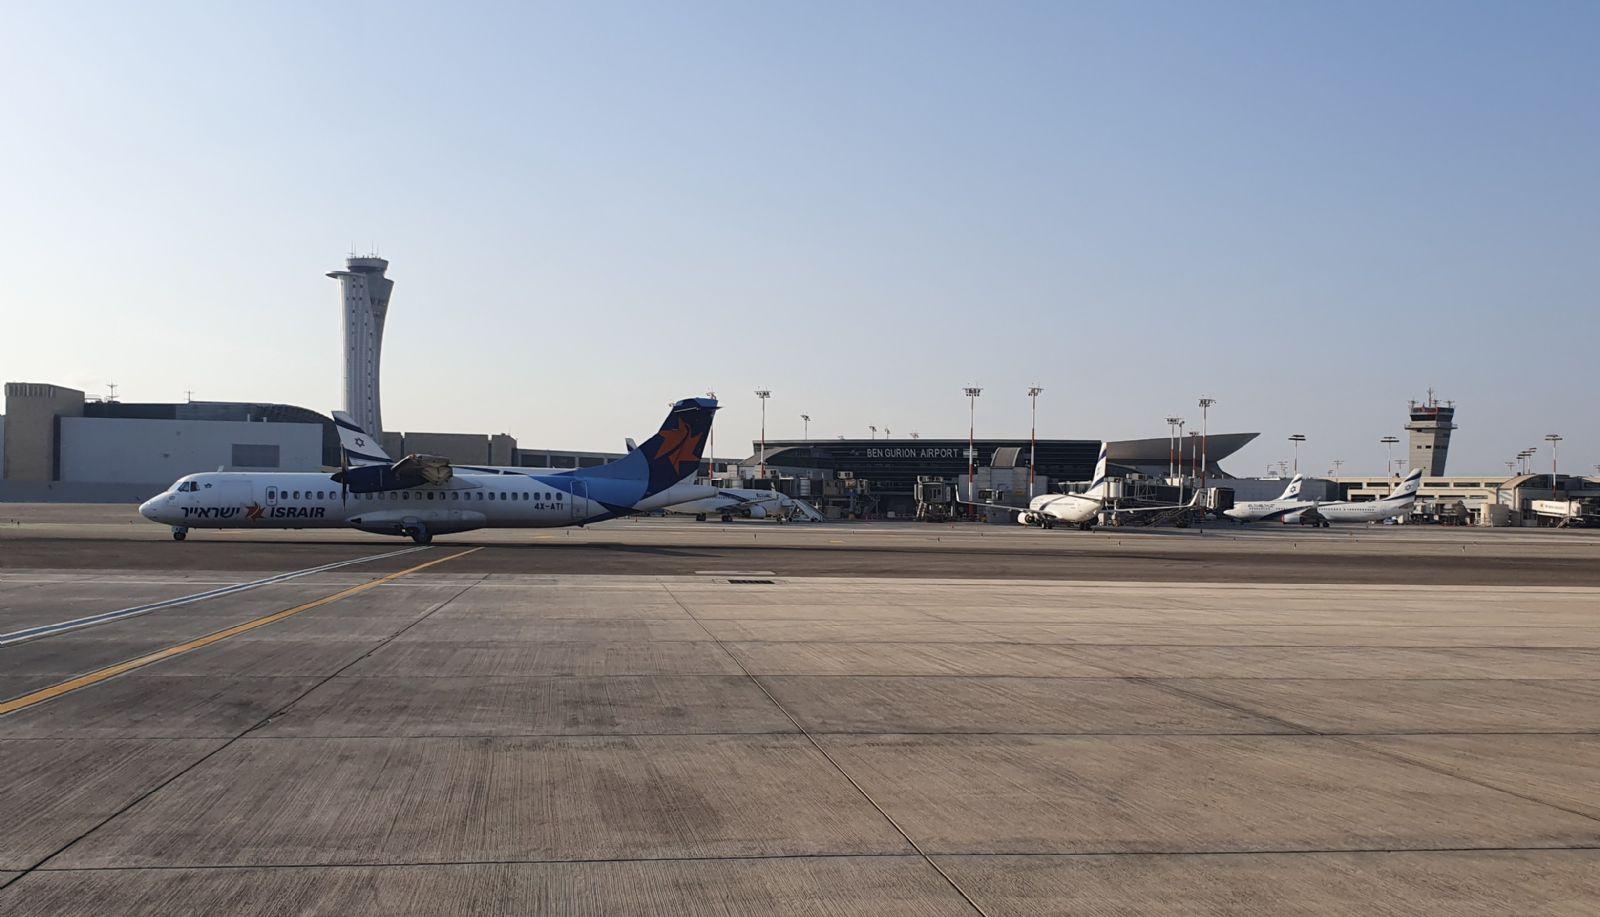 טיסות הפנים לאילת חוזרות לטרמינל 1